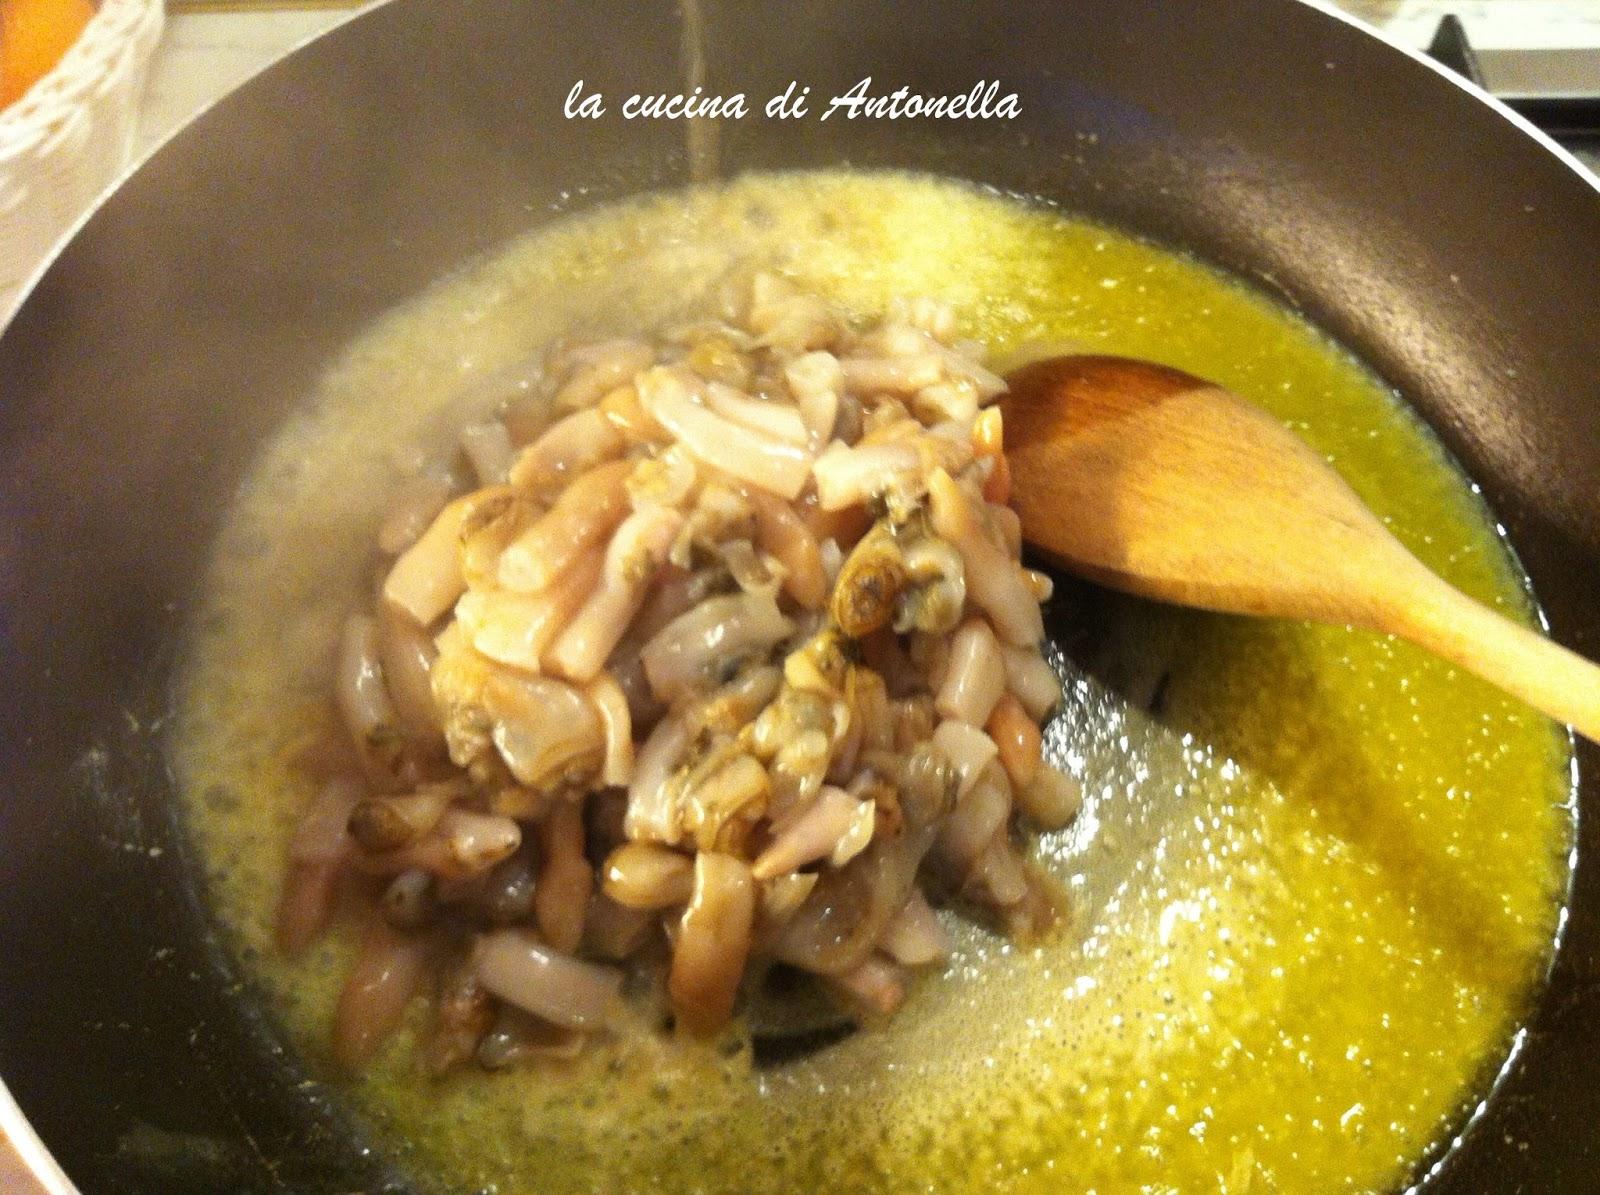 Capelonghe in boreto alla graisana da la cucina di - La cucina di antonella ...